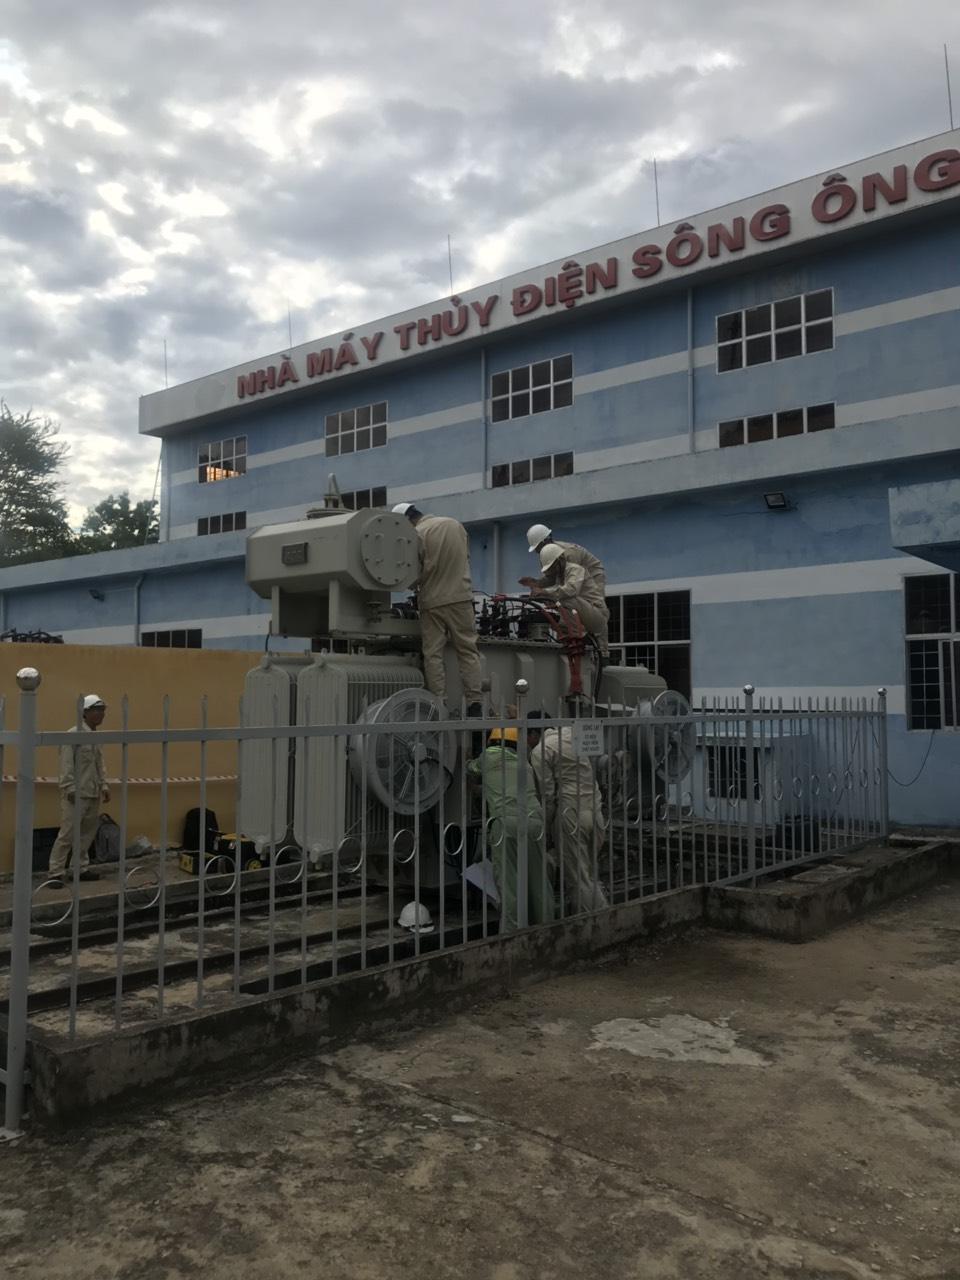 Sê San 3A thực hiện dịch vụ sửa chữa trung tu NMTĐ Sông Ông